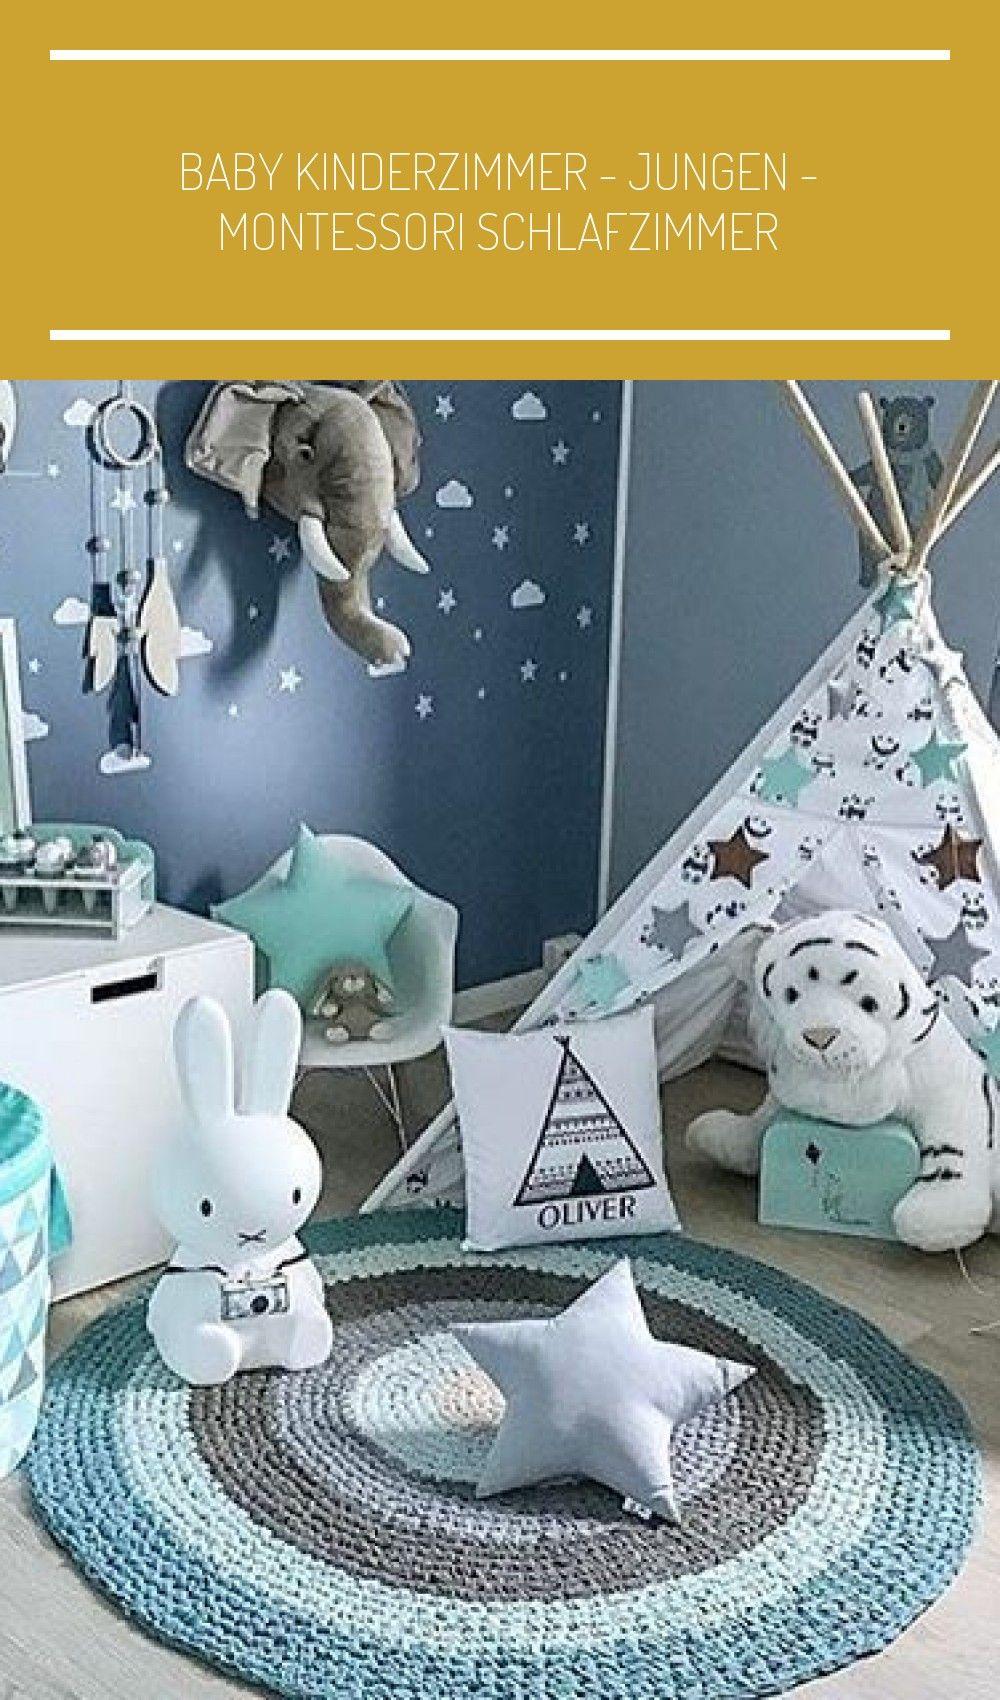 Full Size of Jungen Kinderzimmer Baby Montessori Schlafzimmer Regale Regal Weiß Sofa Kinderzimmer Jungen Kinderzimmer